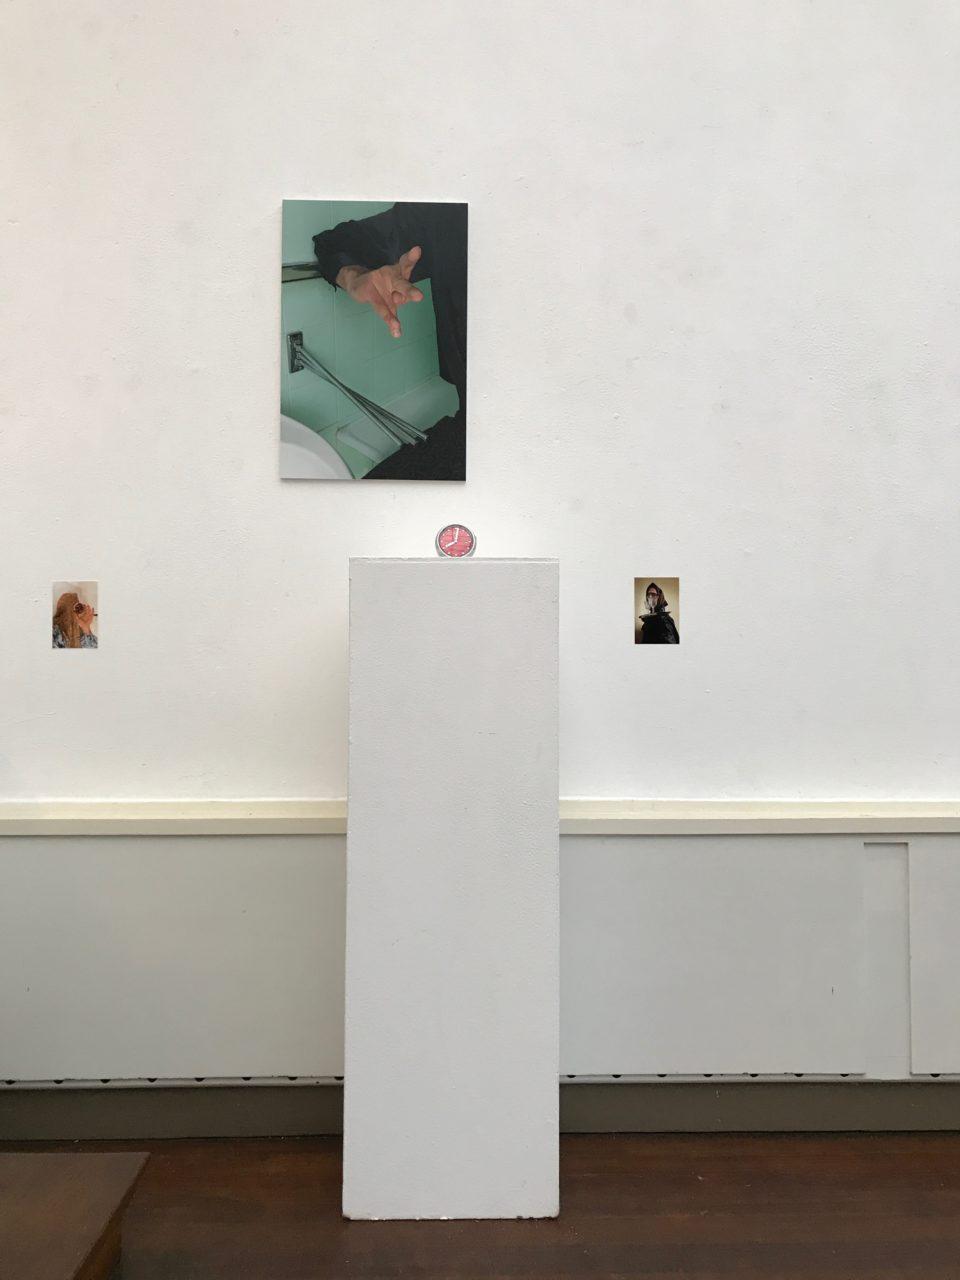 Installation view in Kunstlievend Genootschap PICTURA, Groningen